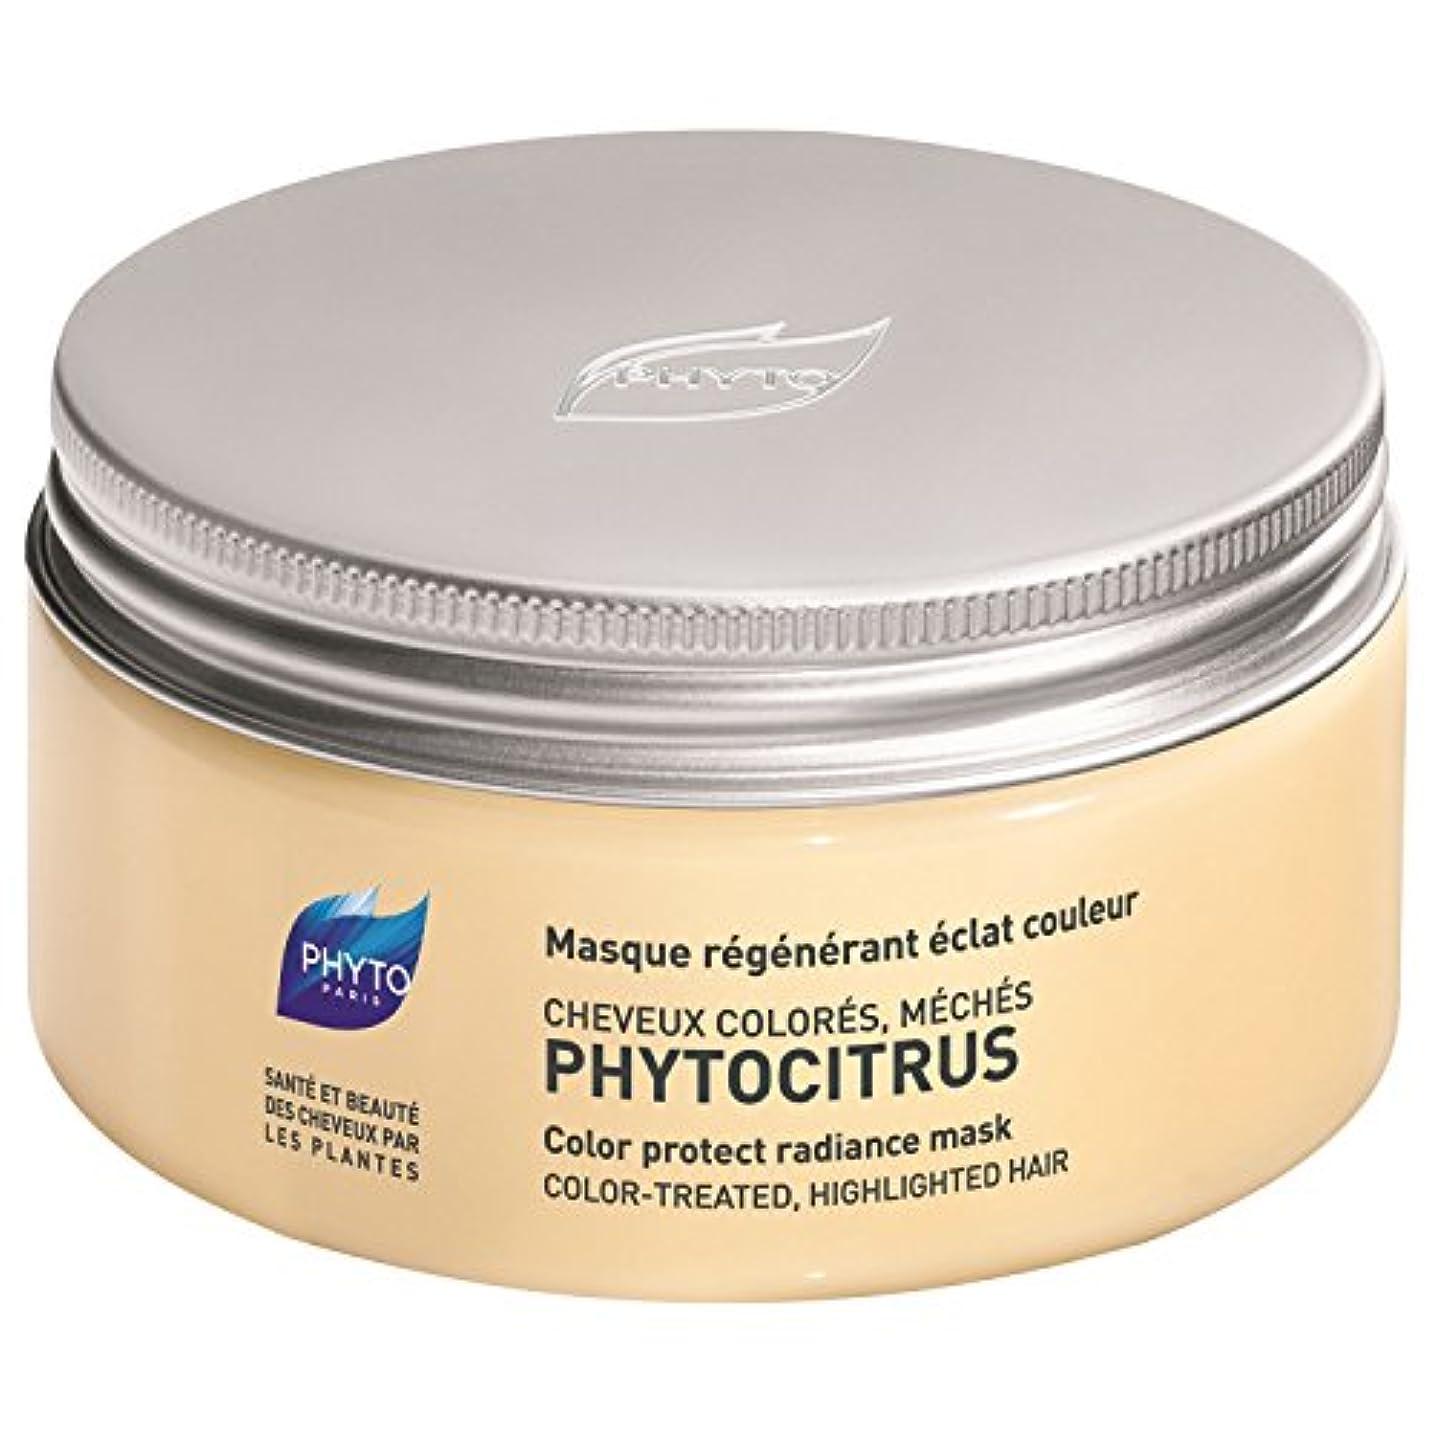 入浴ハリウッド更新するフィトPhytocitrus色保護放射輝度マスク200ミリリットル (Phyto) (x2) - Phyto Phytocitrus Colour Protect Radiance Mask 200ml (Pack of...